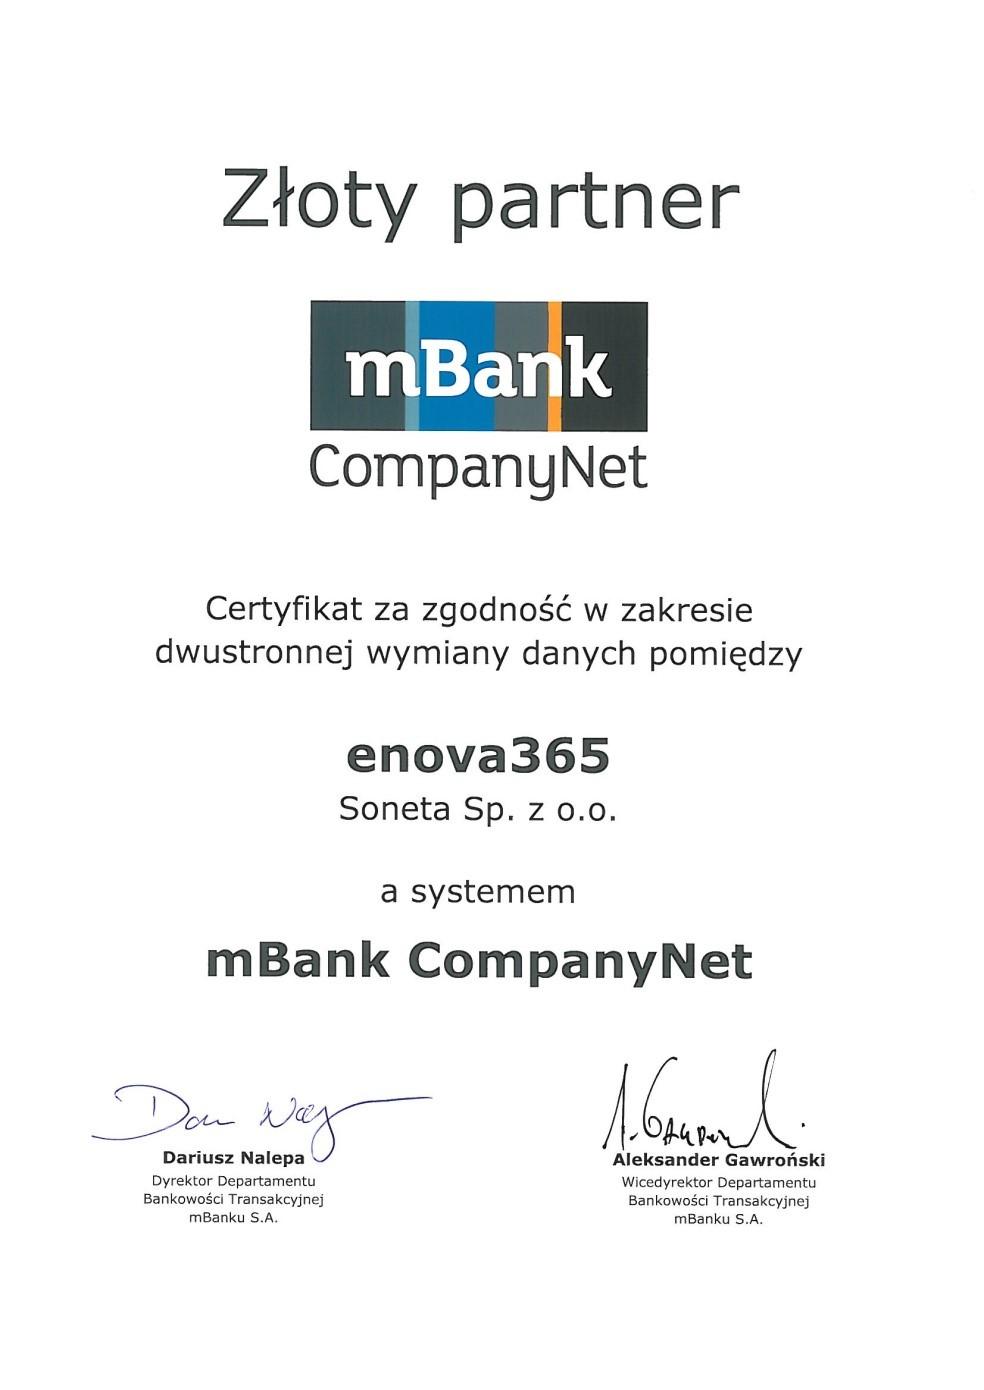 enova365 Złotym Partnerem mBank CompanyNet